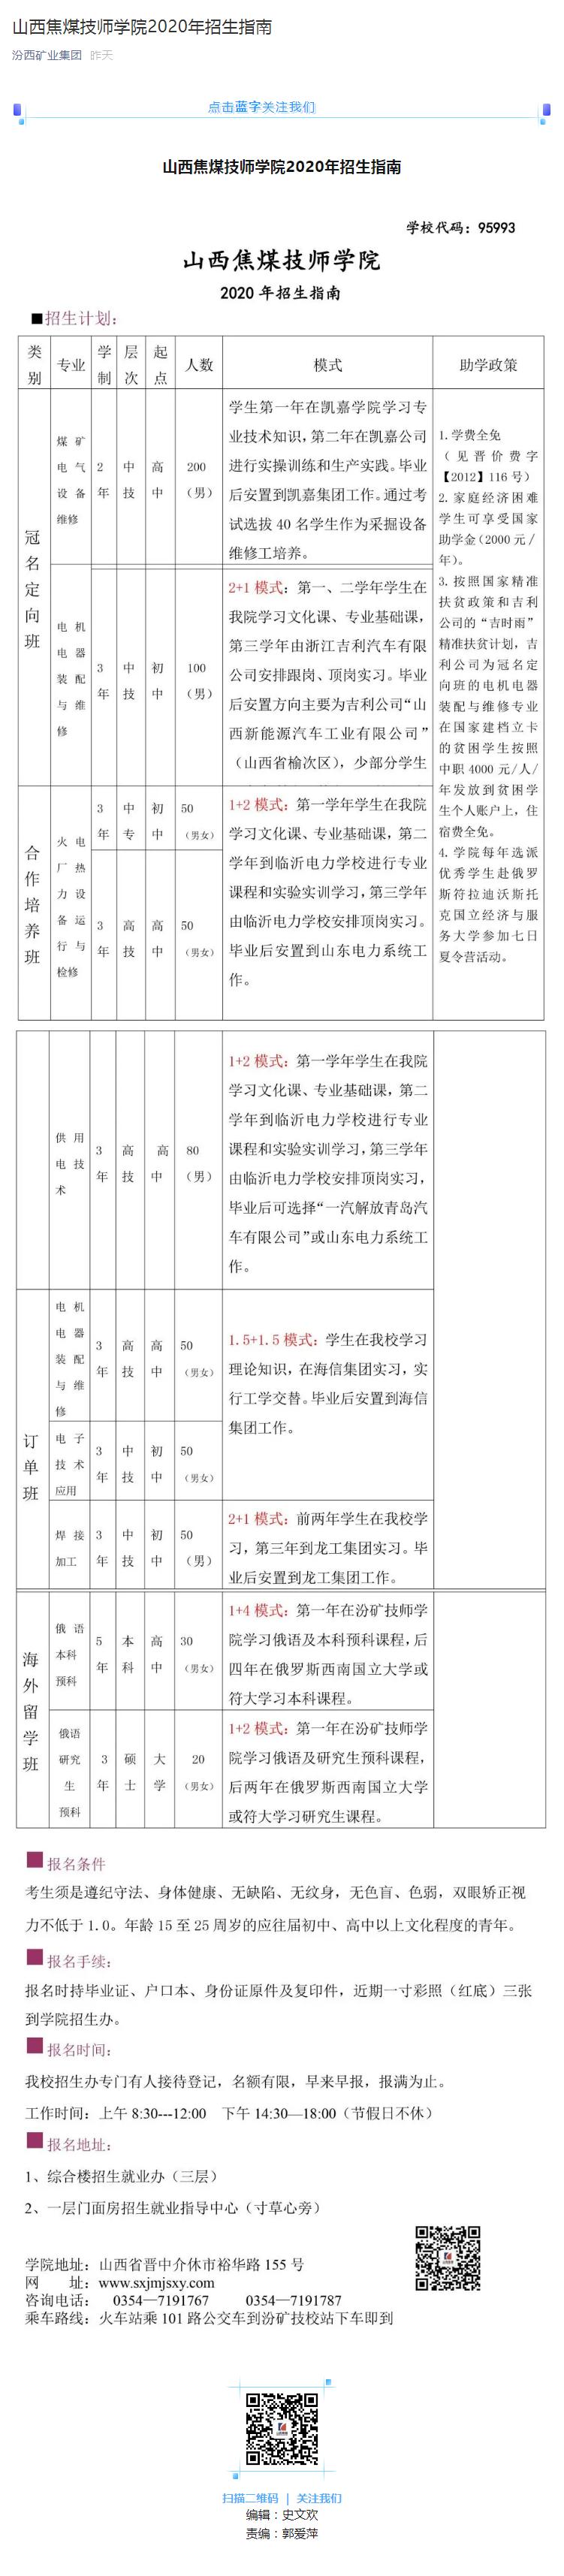 山西焦煤技师学院2020年招生指南.png